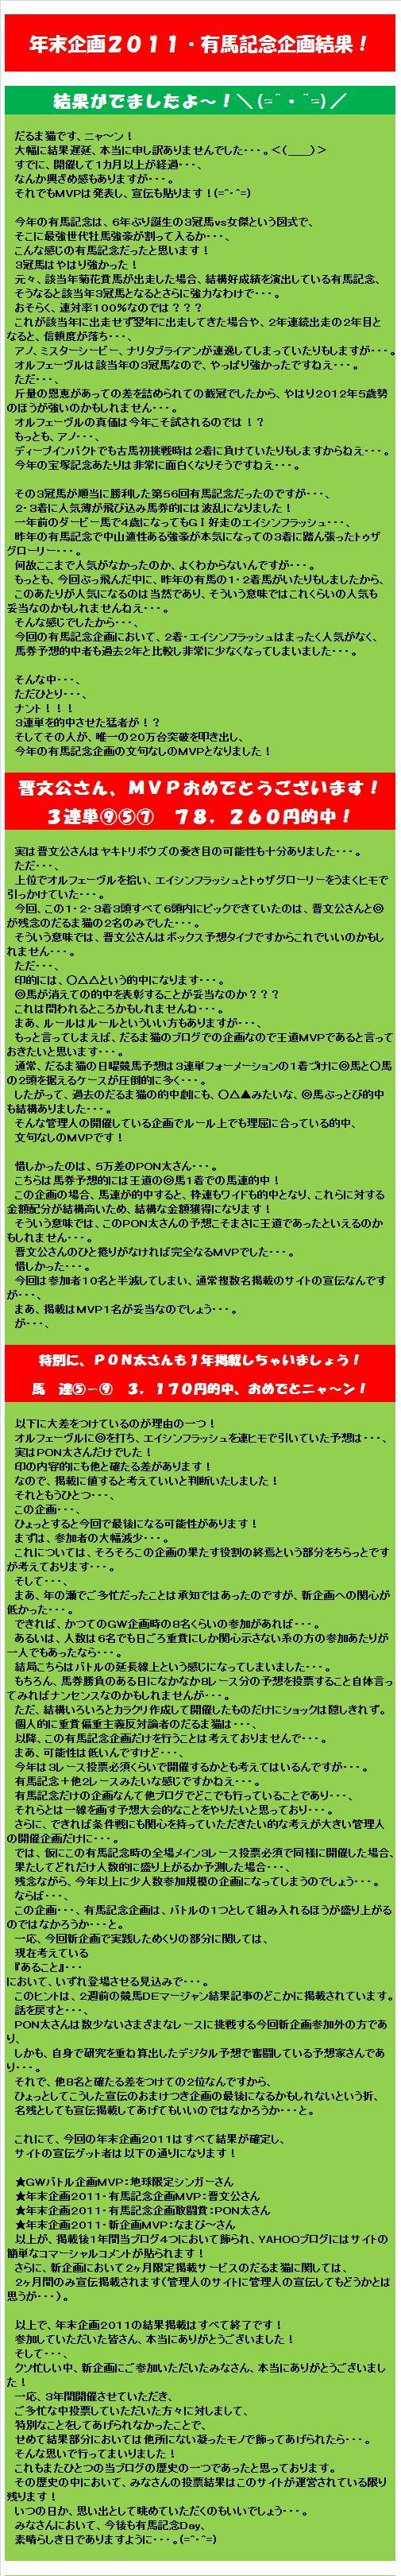 20120130・年末企画2011・有馬記念企画結果.jpg